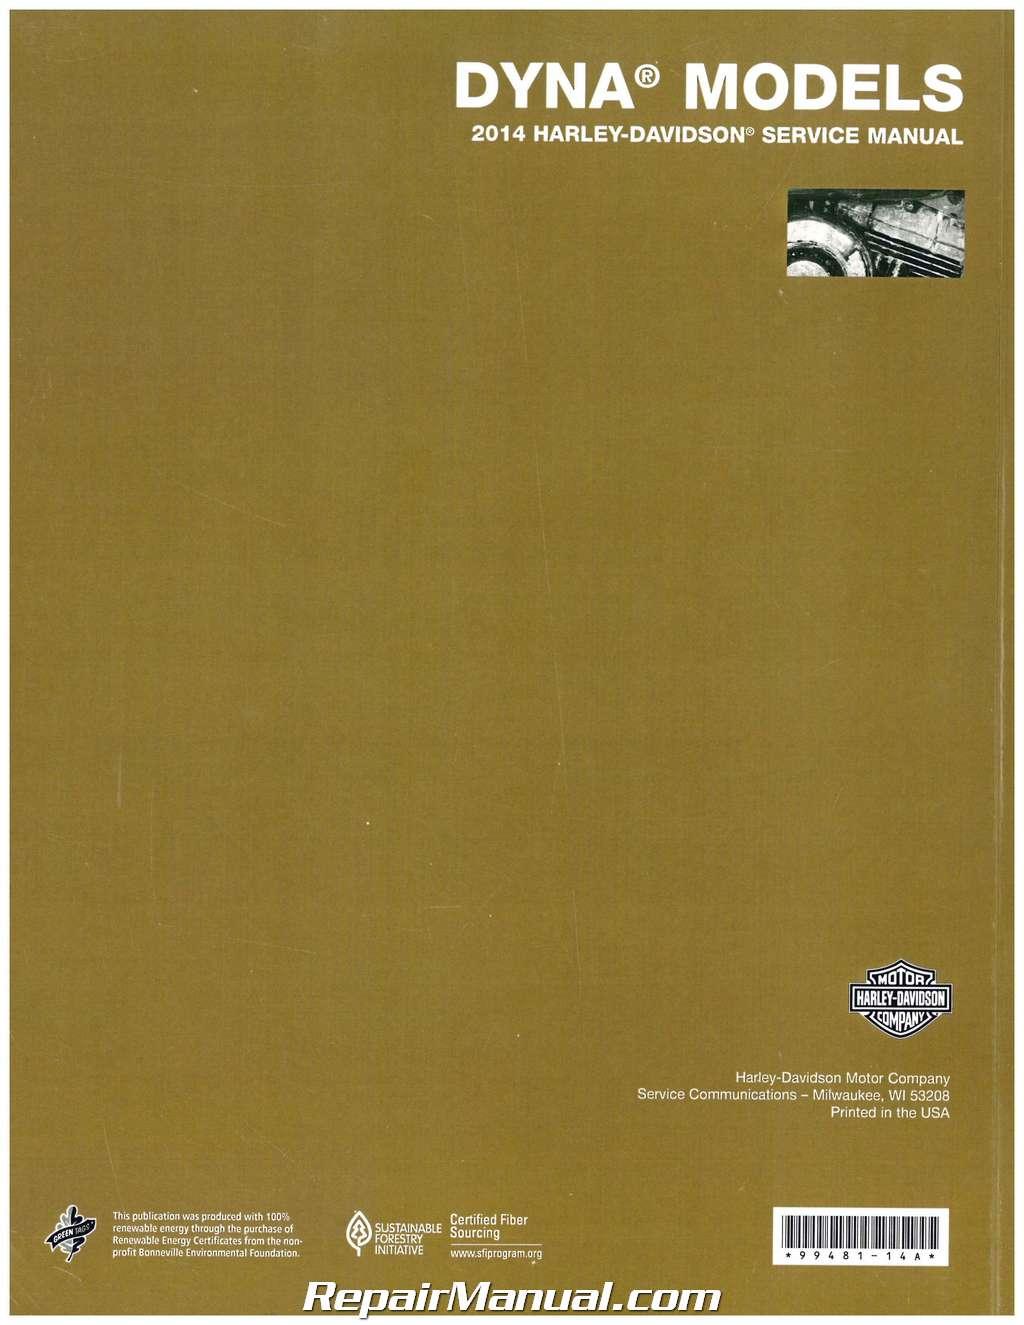 2014 harley davidson dyna service manual